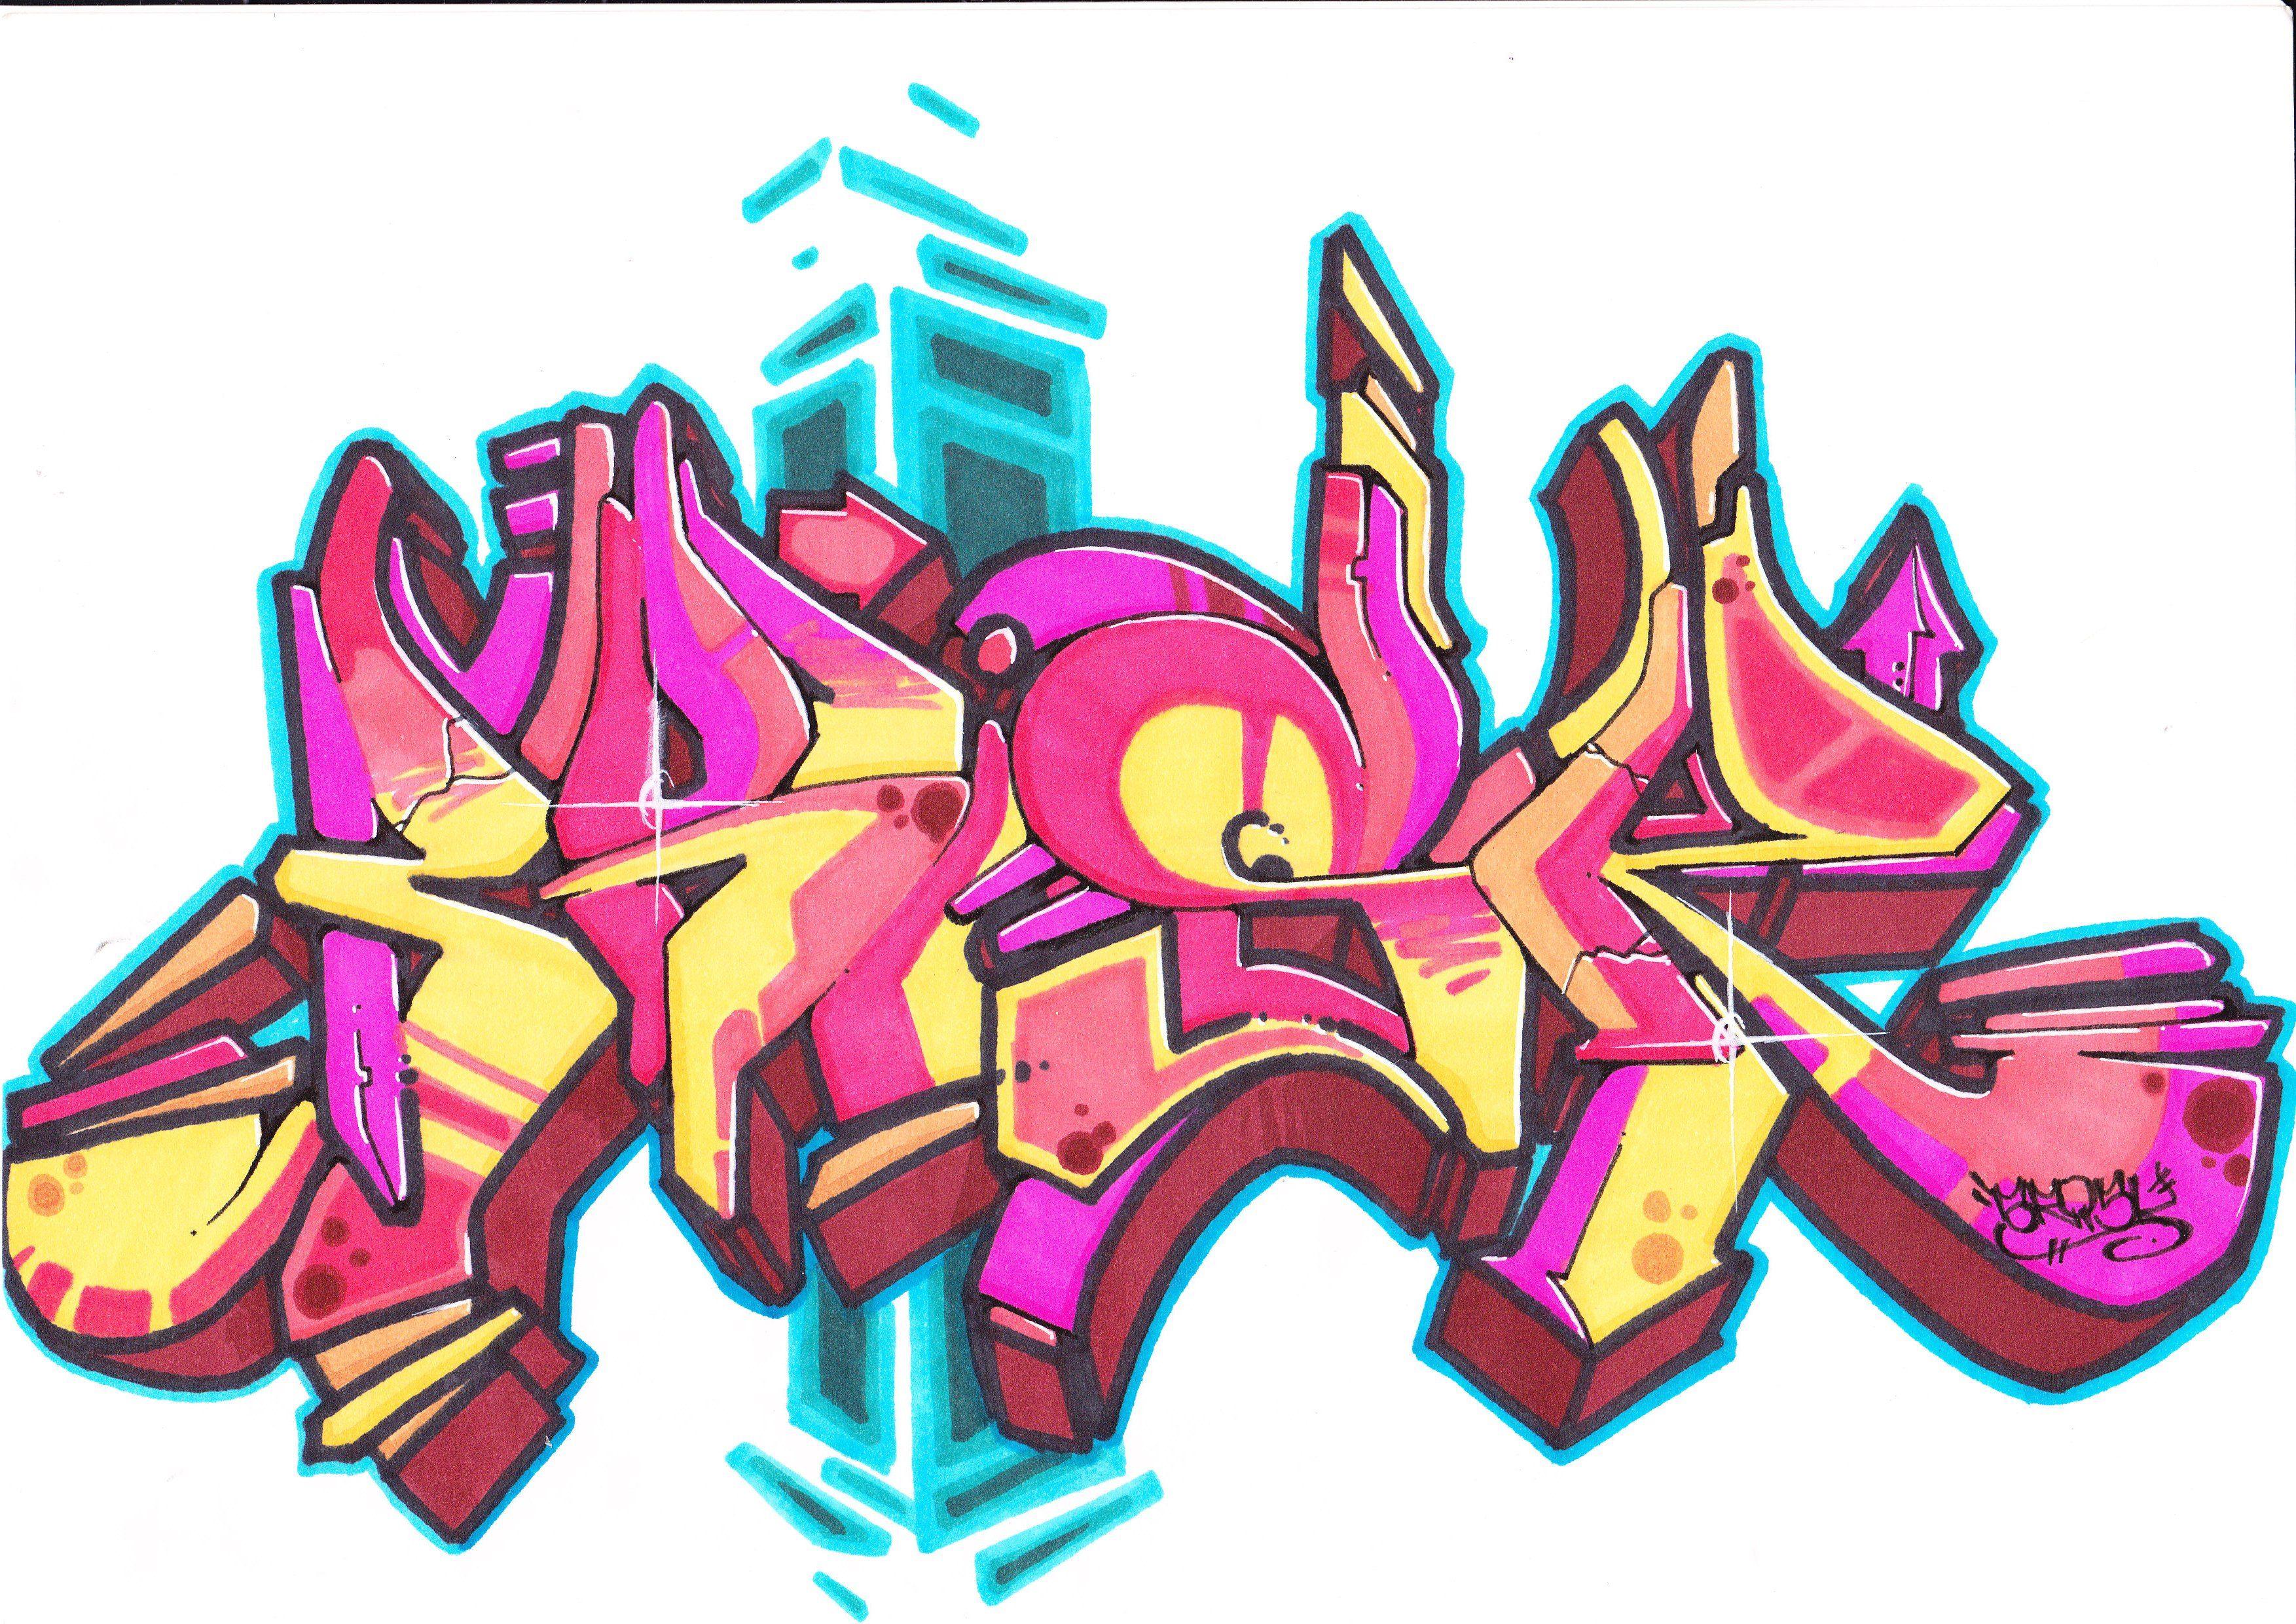 цнс граффити на английском картинки огромный выбор